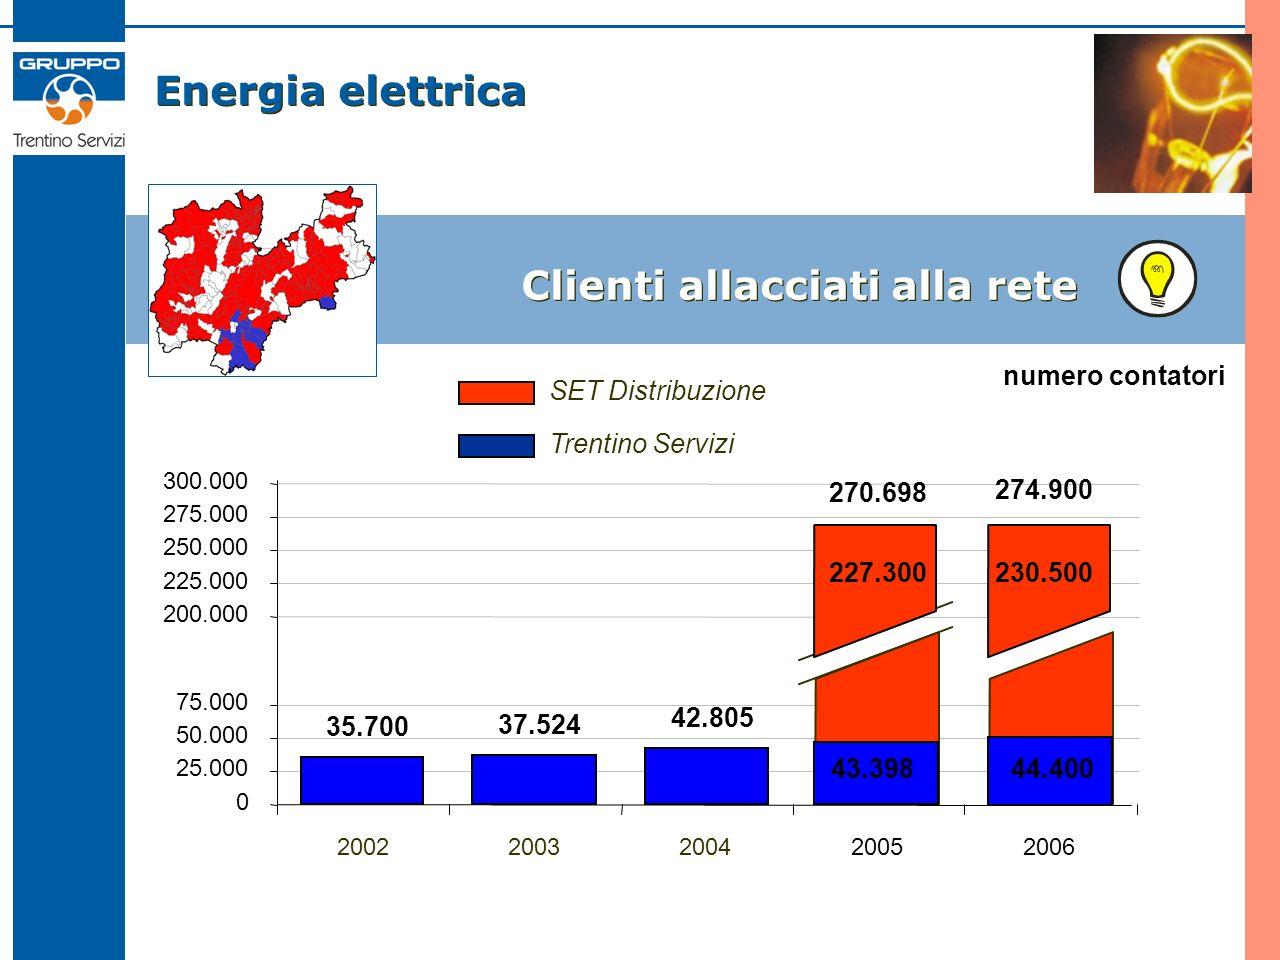 Energia elettrica Clienti allacciati alla rete 35.700 37.524 42.805 270.698 0 25.000 50.000 75.000 200.000 225.000 250.000 275.000 300.000 2002200320042005 numero contatori 2006 227.300 SET Distribuzione Trentino Servizi 43.39844.400 230.500 274.900